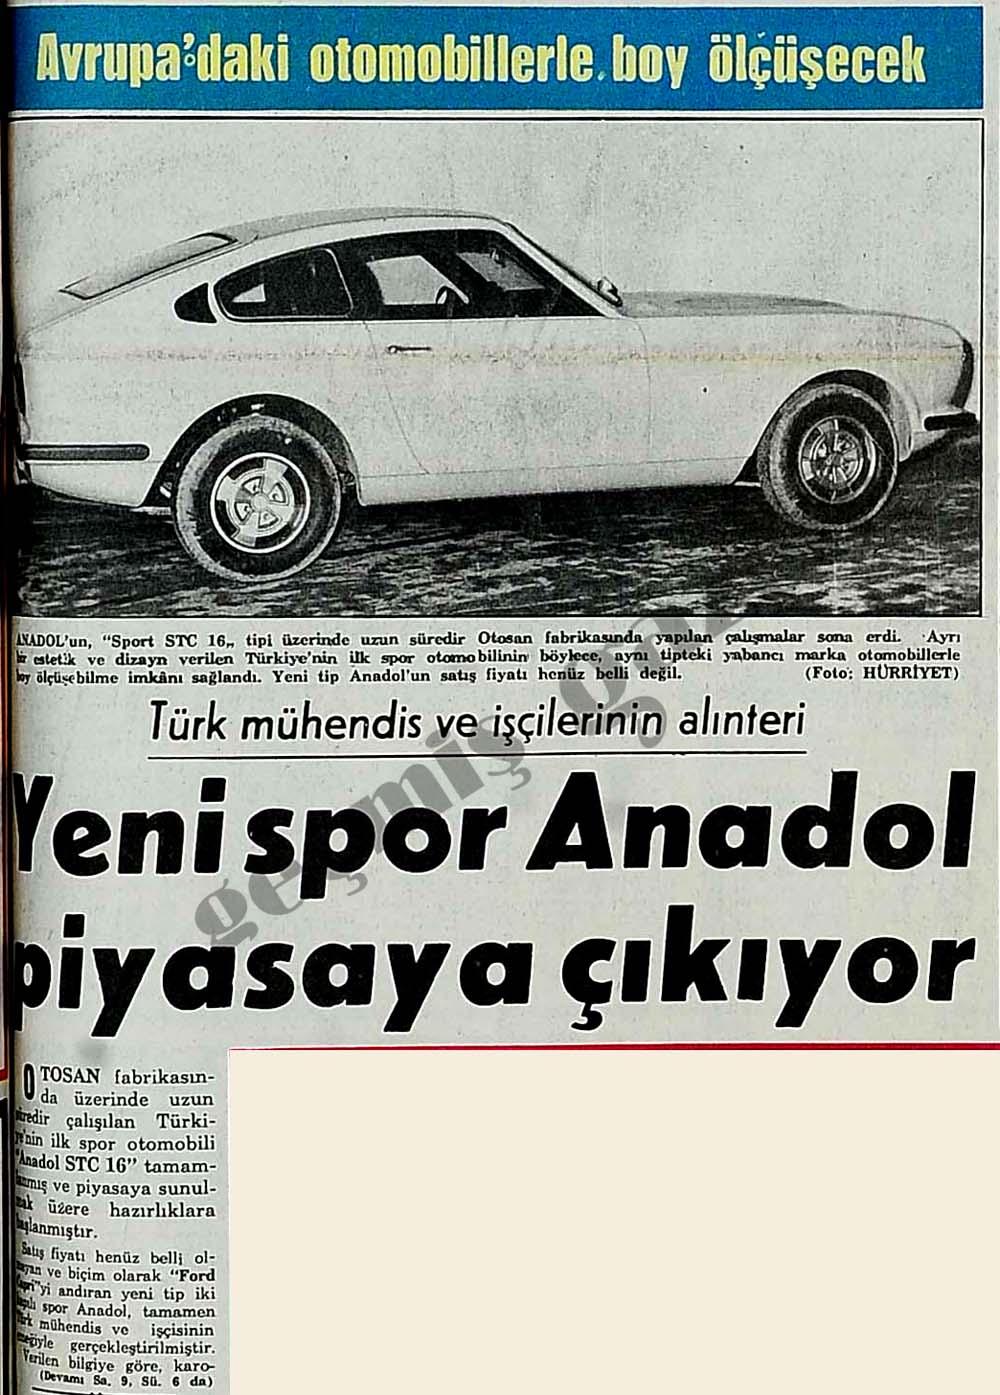 Yeni spor Anadol piyasaya çıkıyor